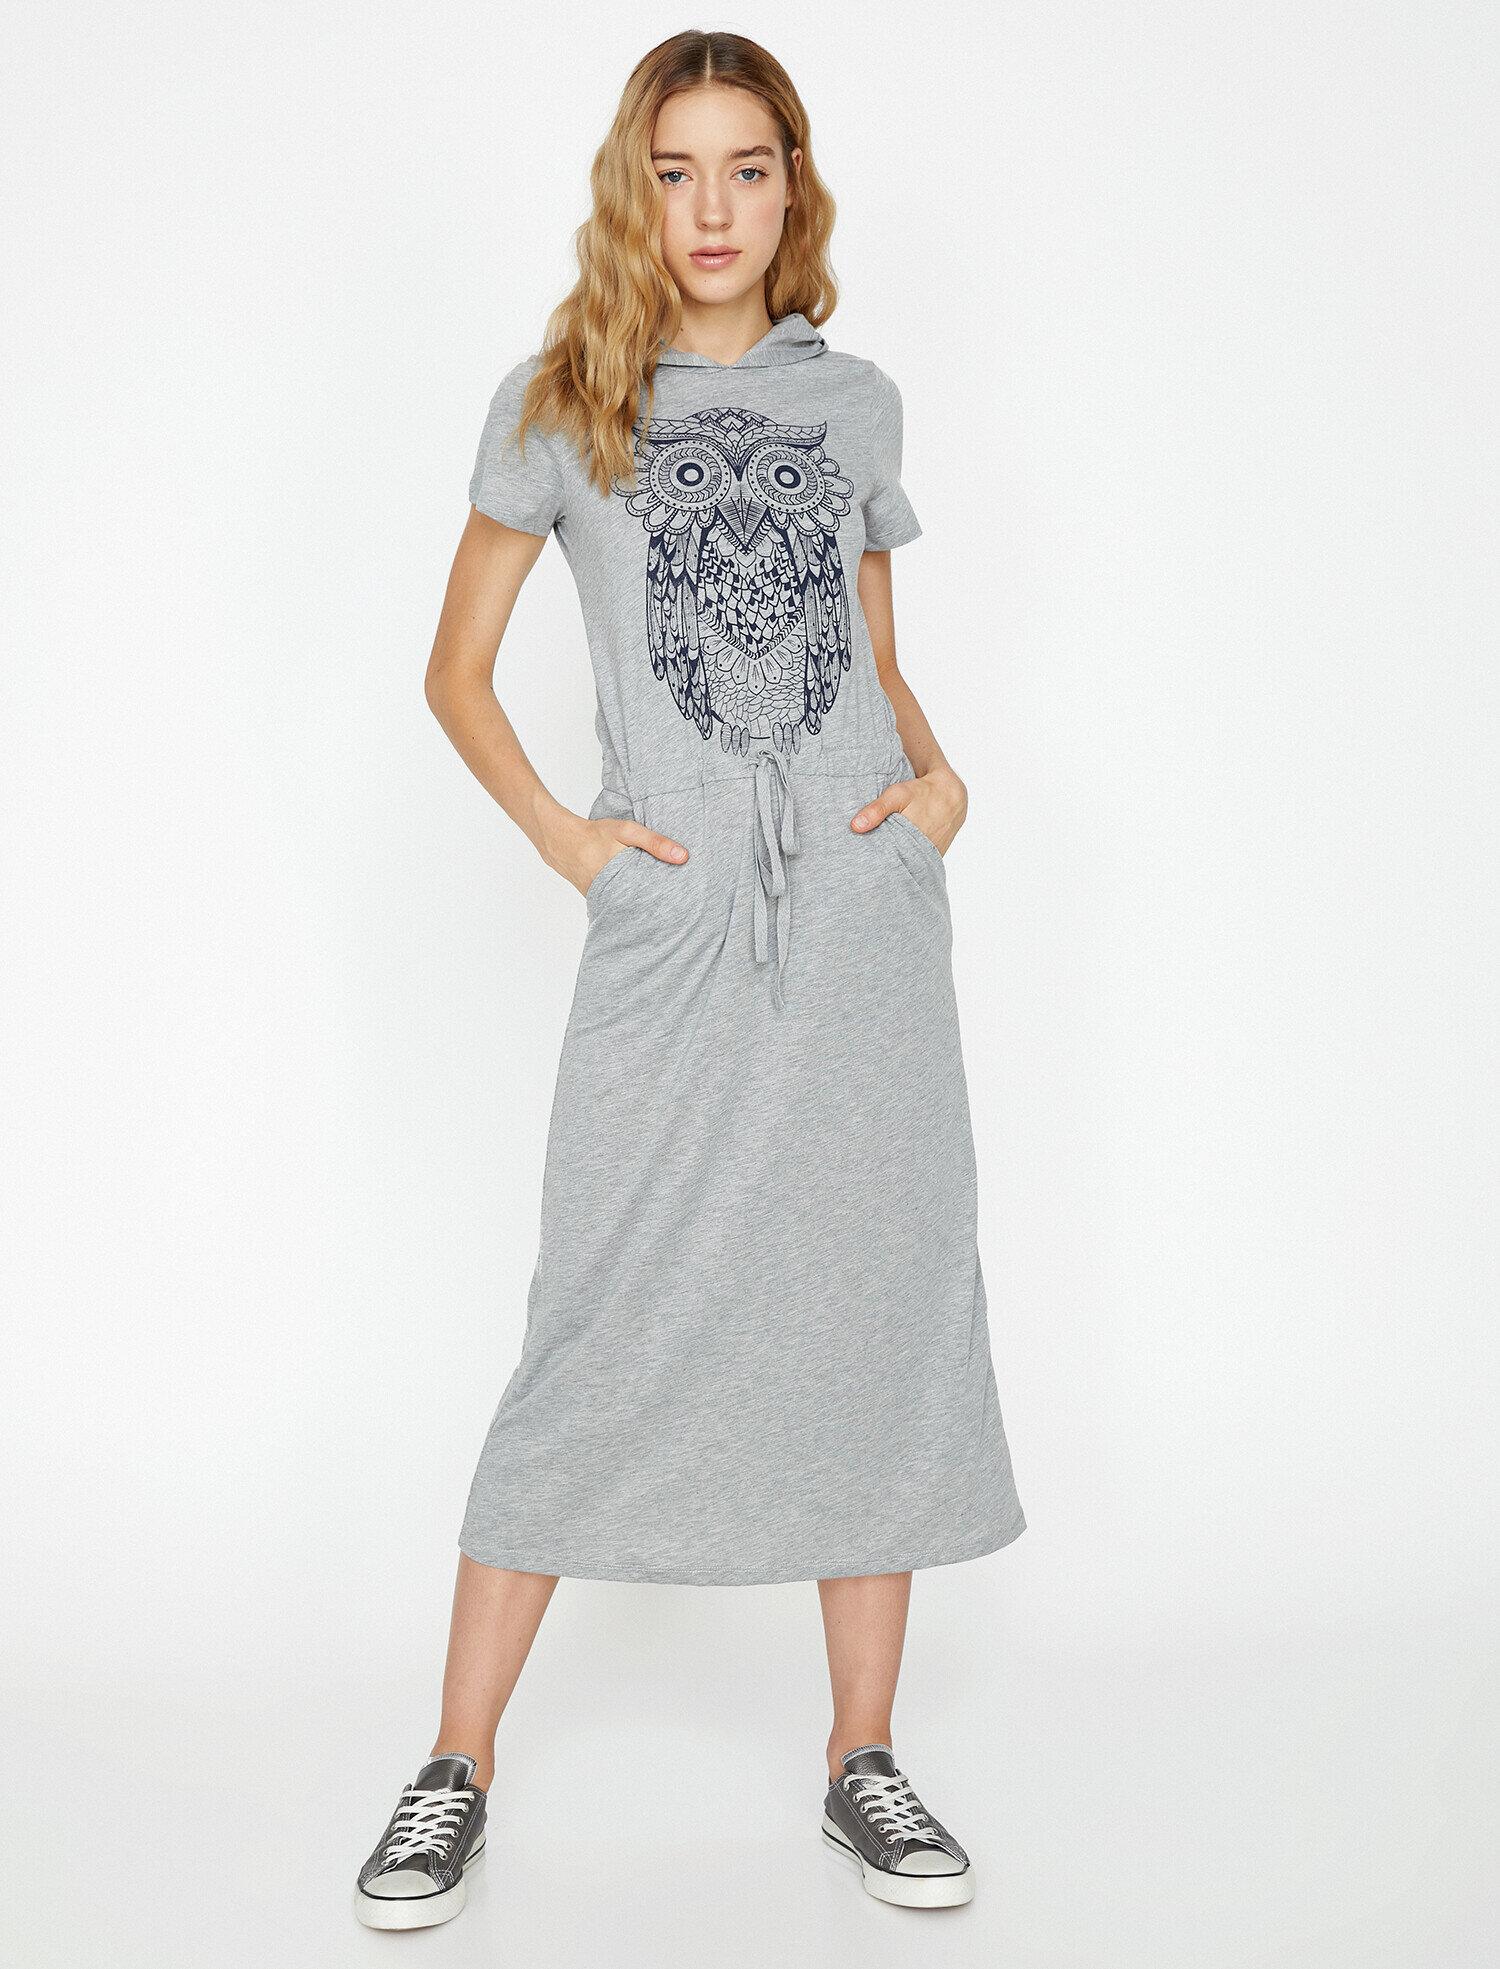 Koton Kadın Baskili Elbise Gri Ürün Resmi